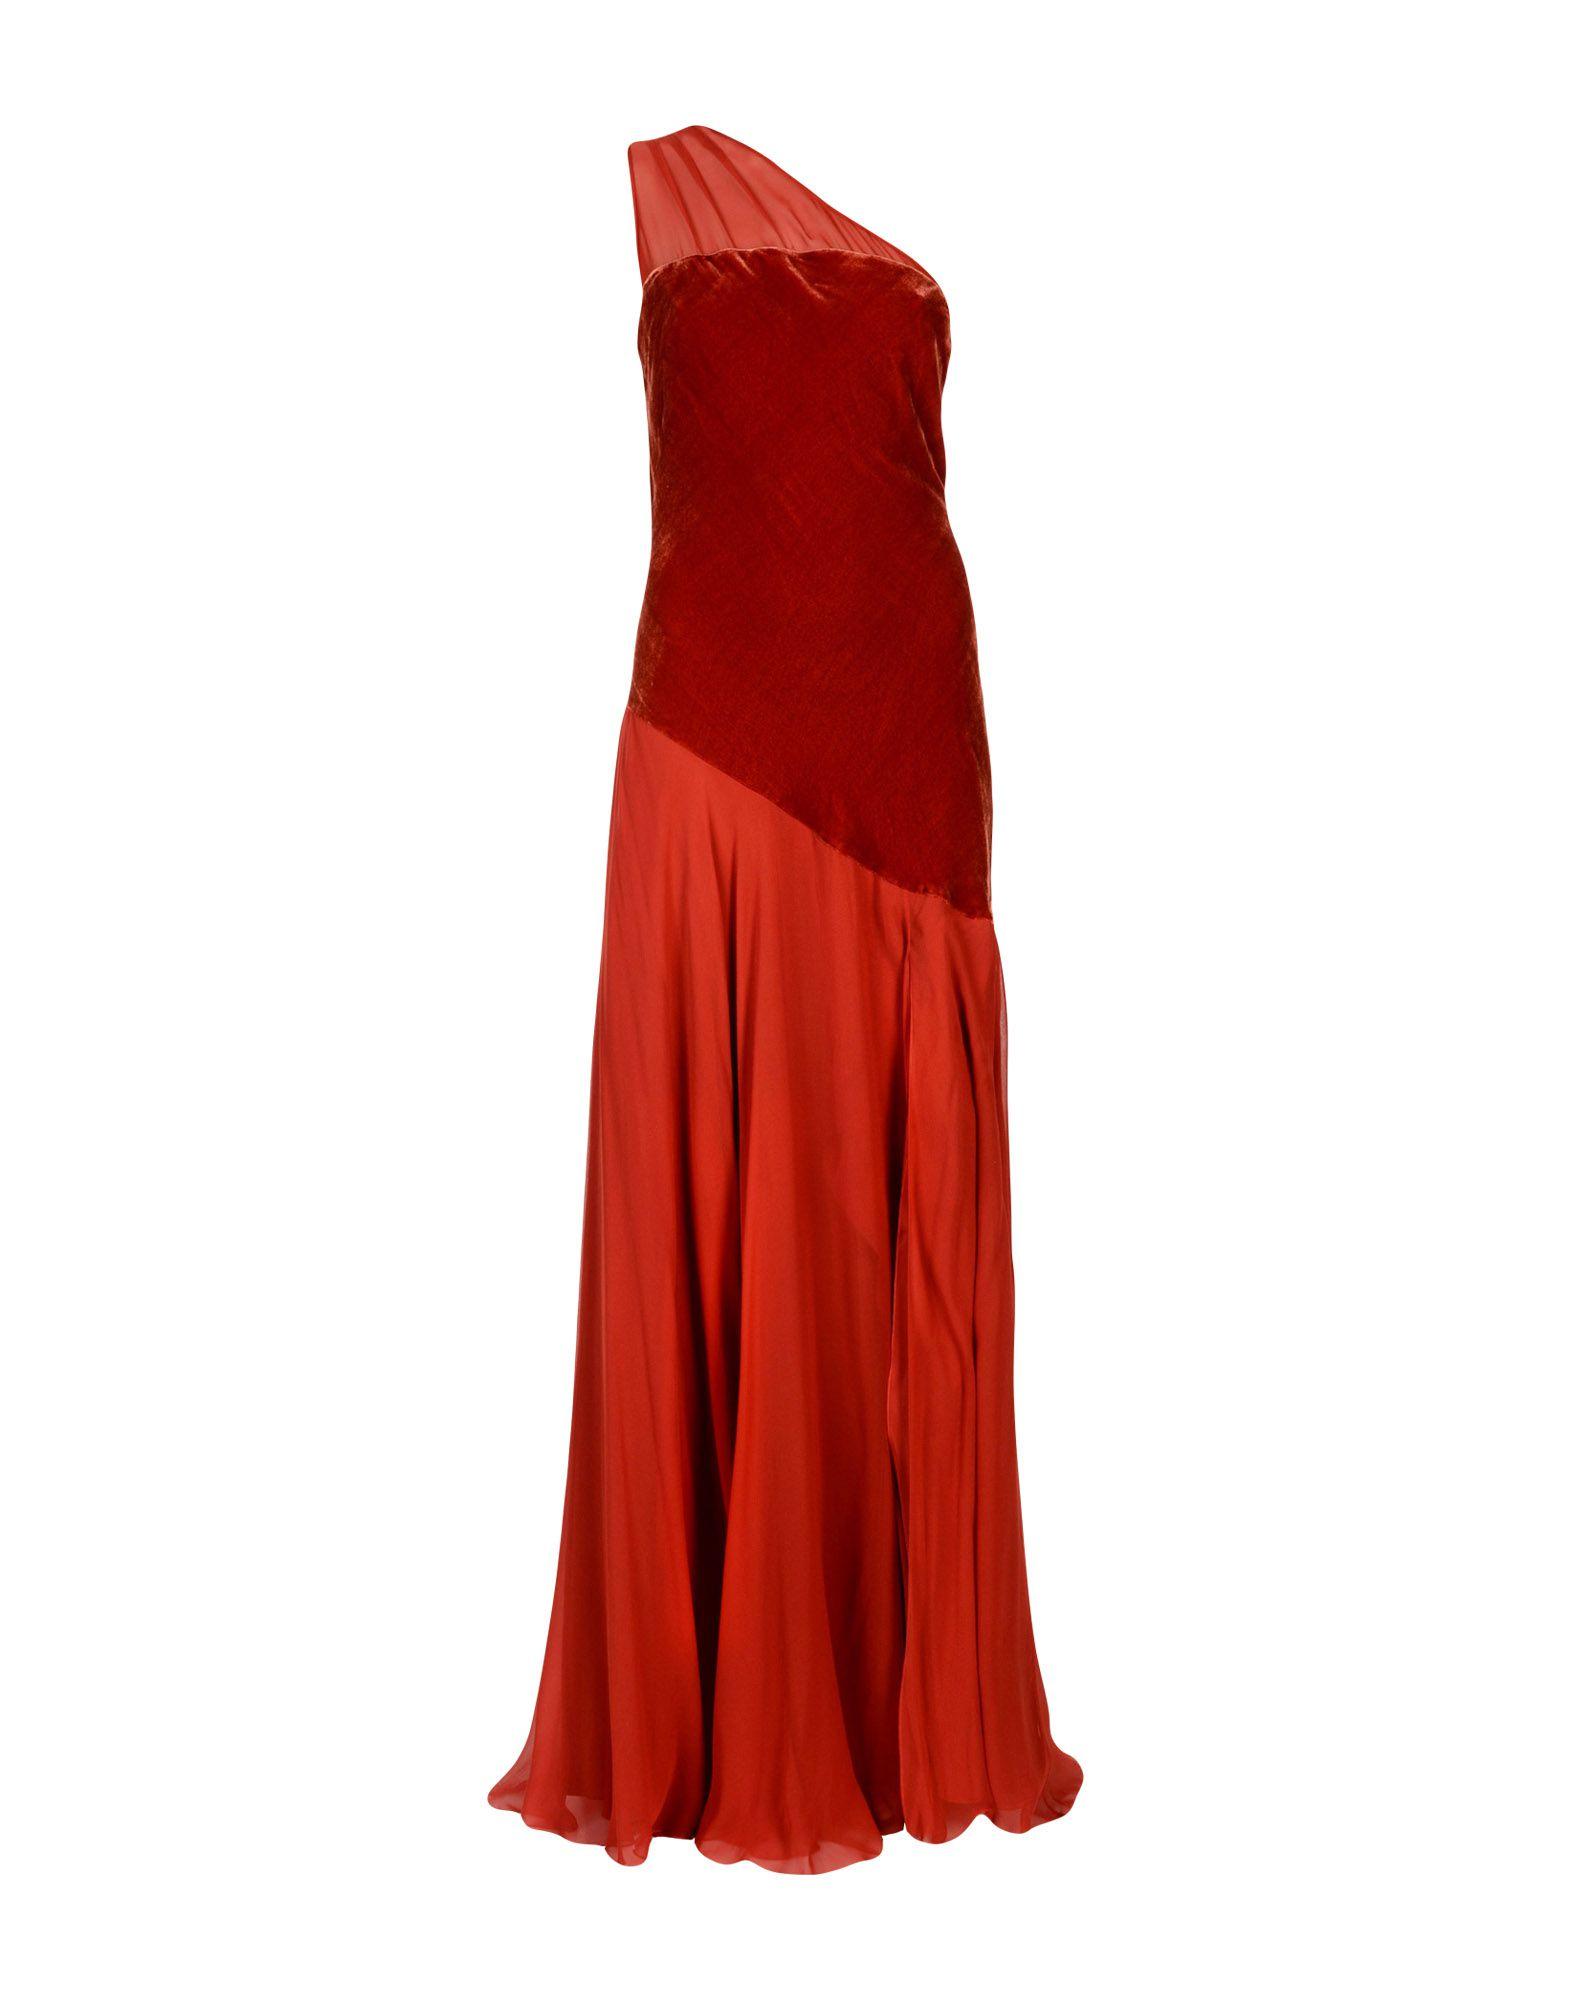 AMANDA WAKELEY Длинное платье 923 зима полный дрель бархат вечернее платье длинное плечо банкет тост одежды тонкий тонкий хост